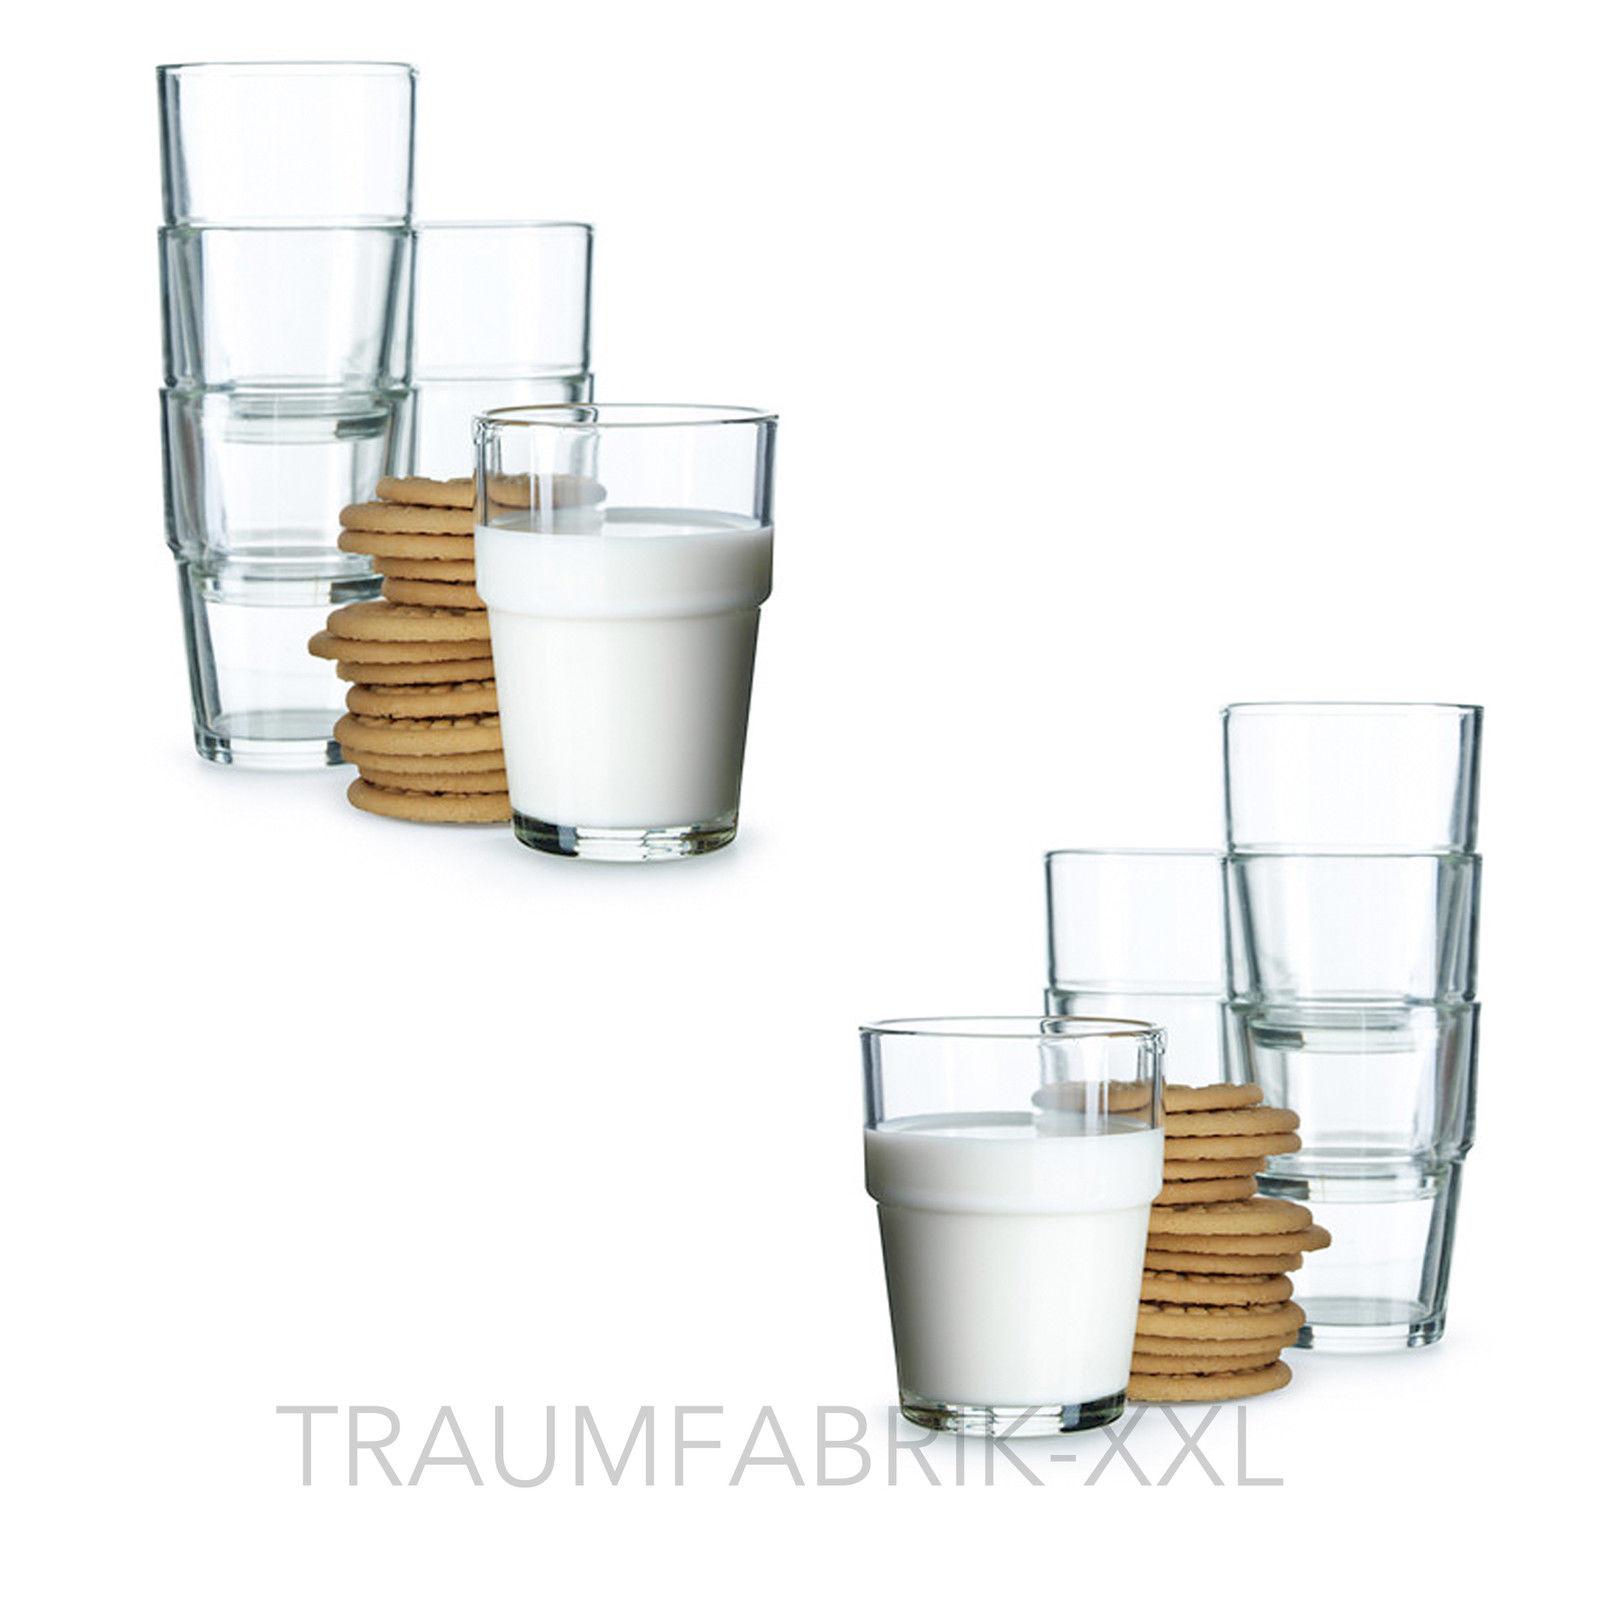 12 x ikea saftglas glas saftgl ser wasserglas wassergl ser. Black Bedroom Furniture Sets. Home Design Ideas